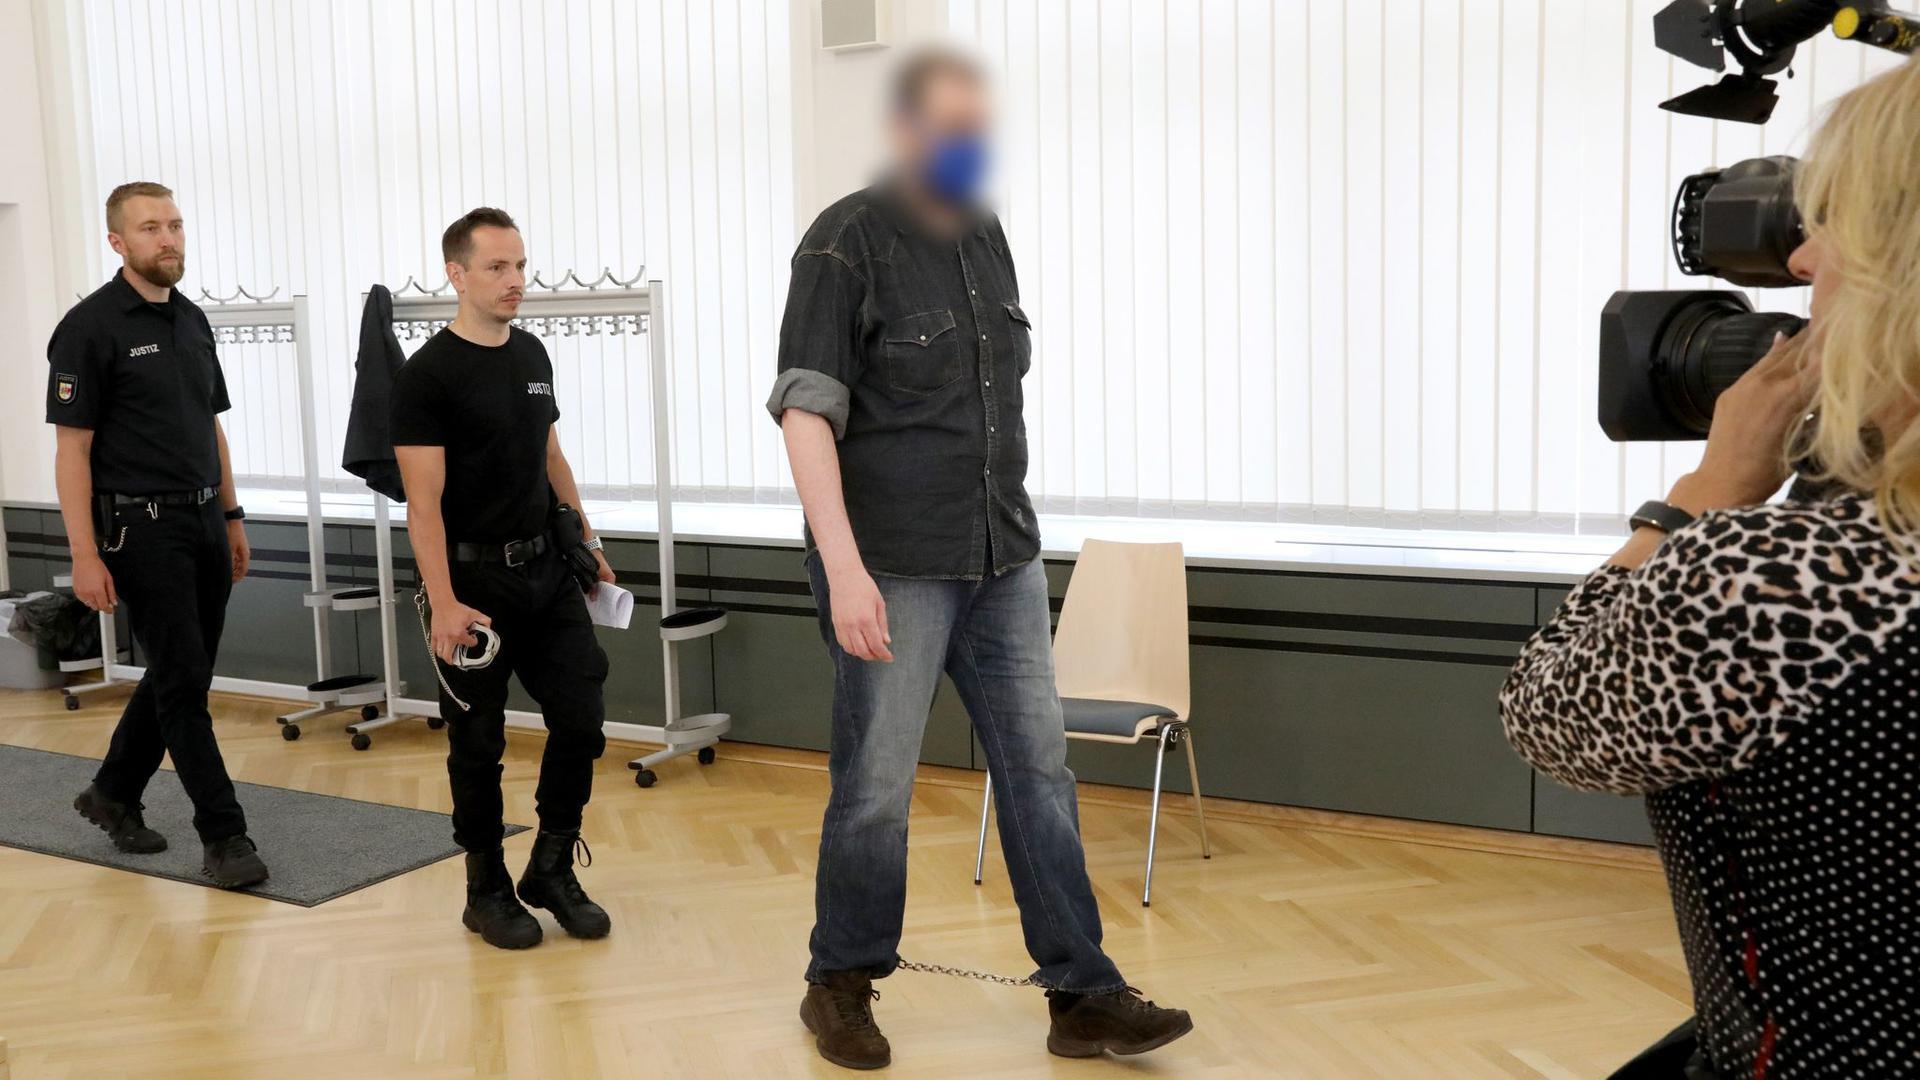 Justizmitarbeiter führen den 39-Jährigen in den Saal des Rostocker Landgerichts.